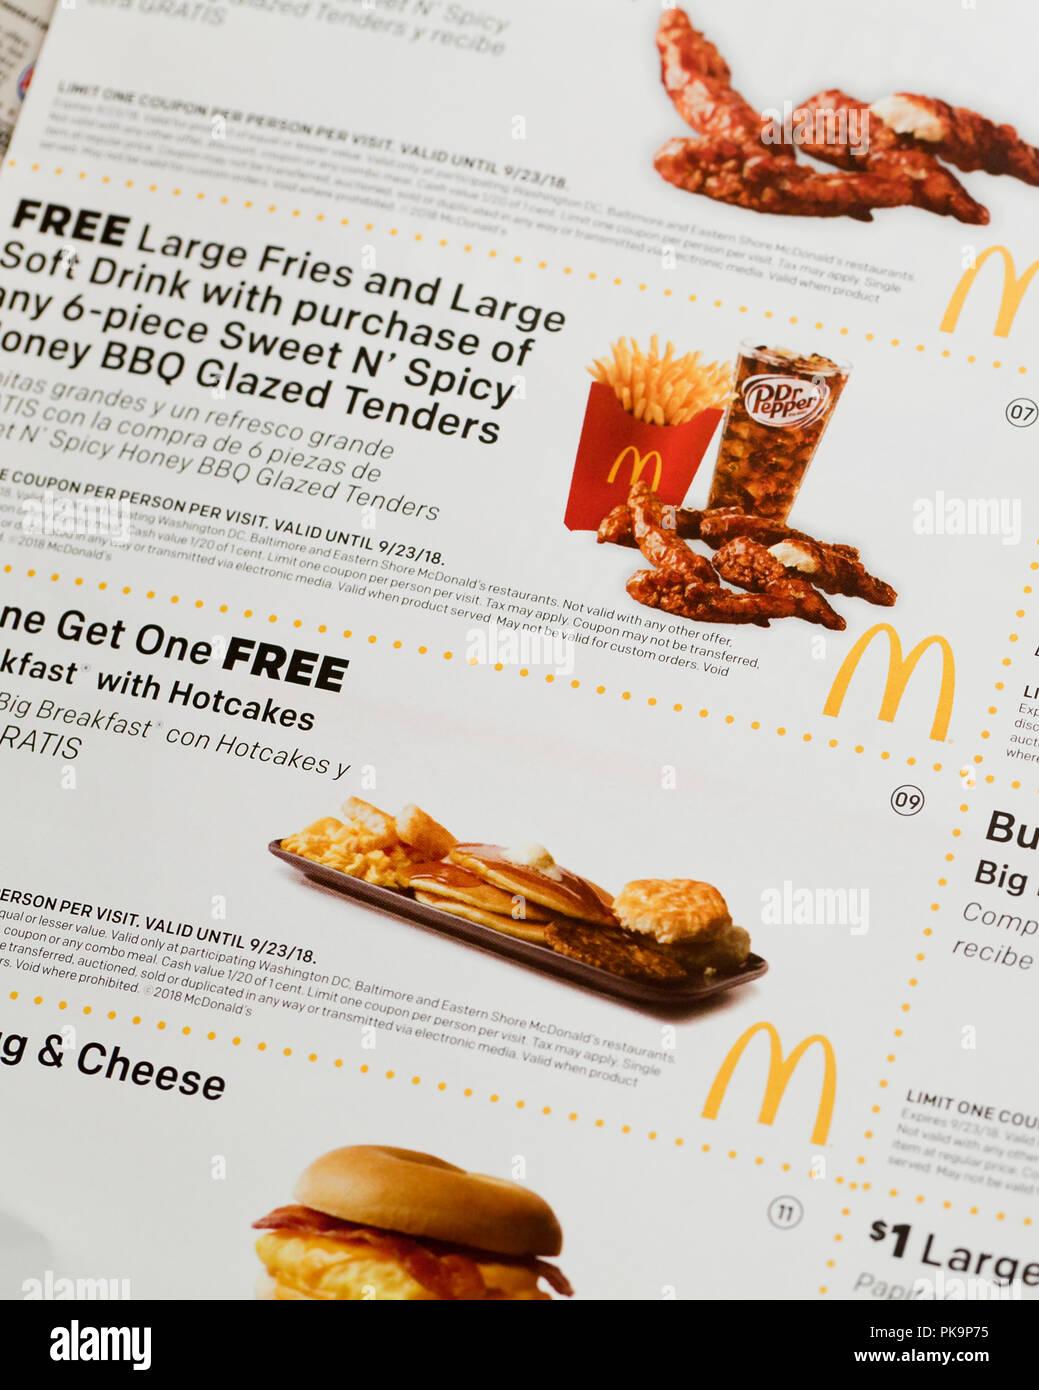 Mcdonald S Coupons Fast Food Coupon Usa Stock Photo 218417897